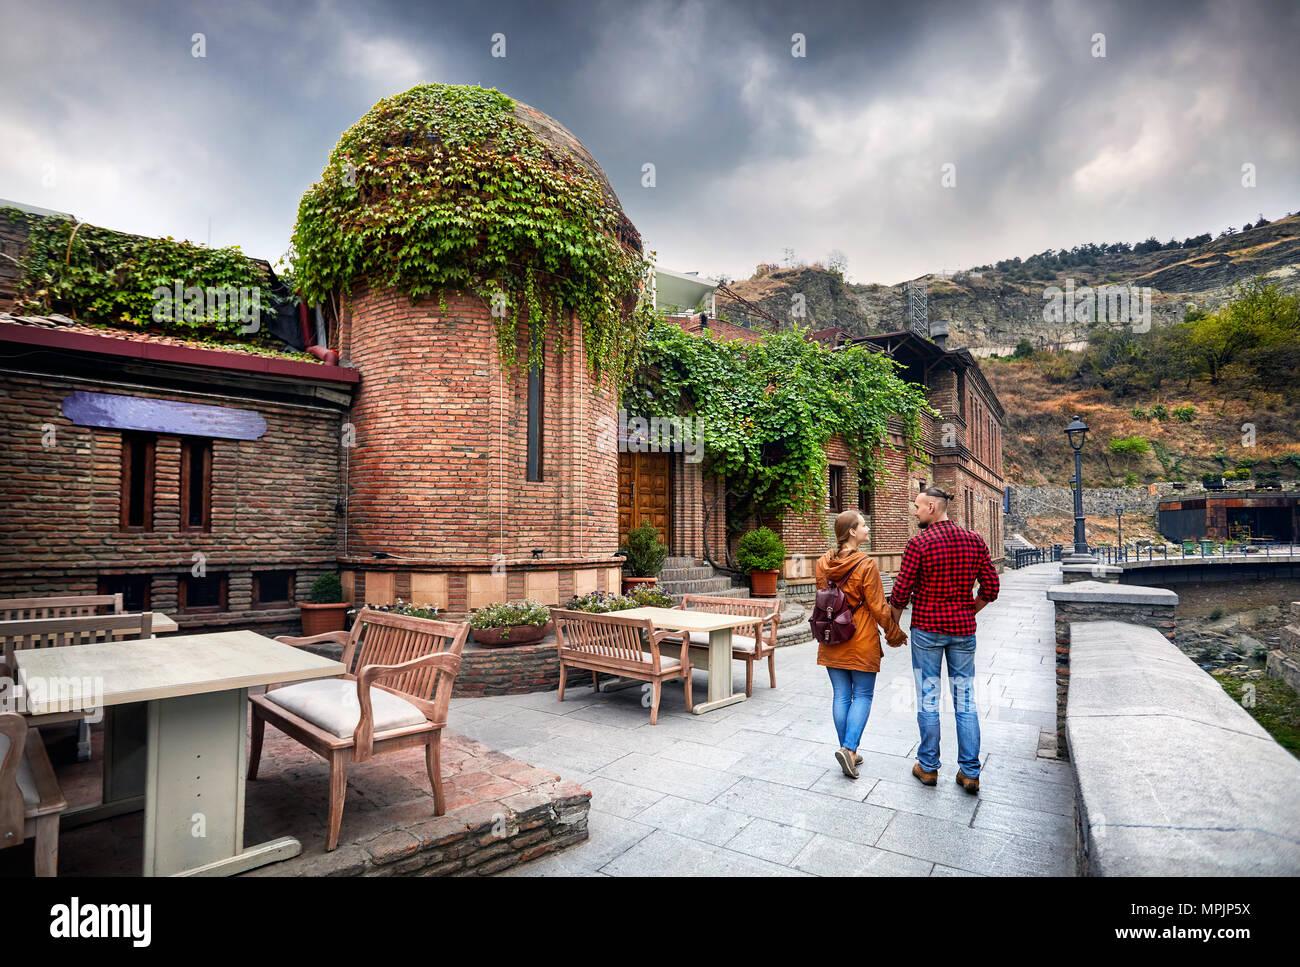 Turismo en la mujer y el hombre en chaqueta marrón camiseta roja caminando por las antiguas calles de baño sulfúrico público en el centro de distrito de Tbilisi, Georgia Imagen De Stock